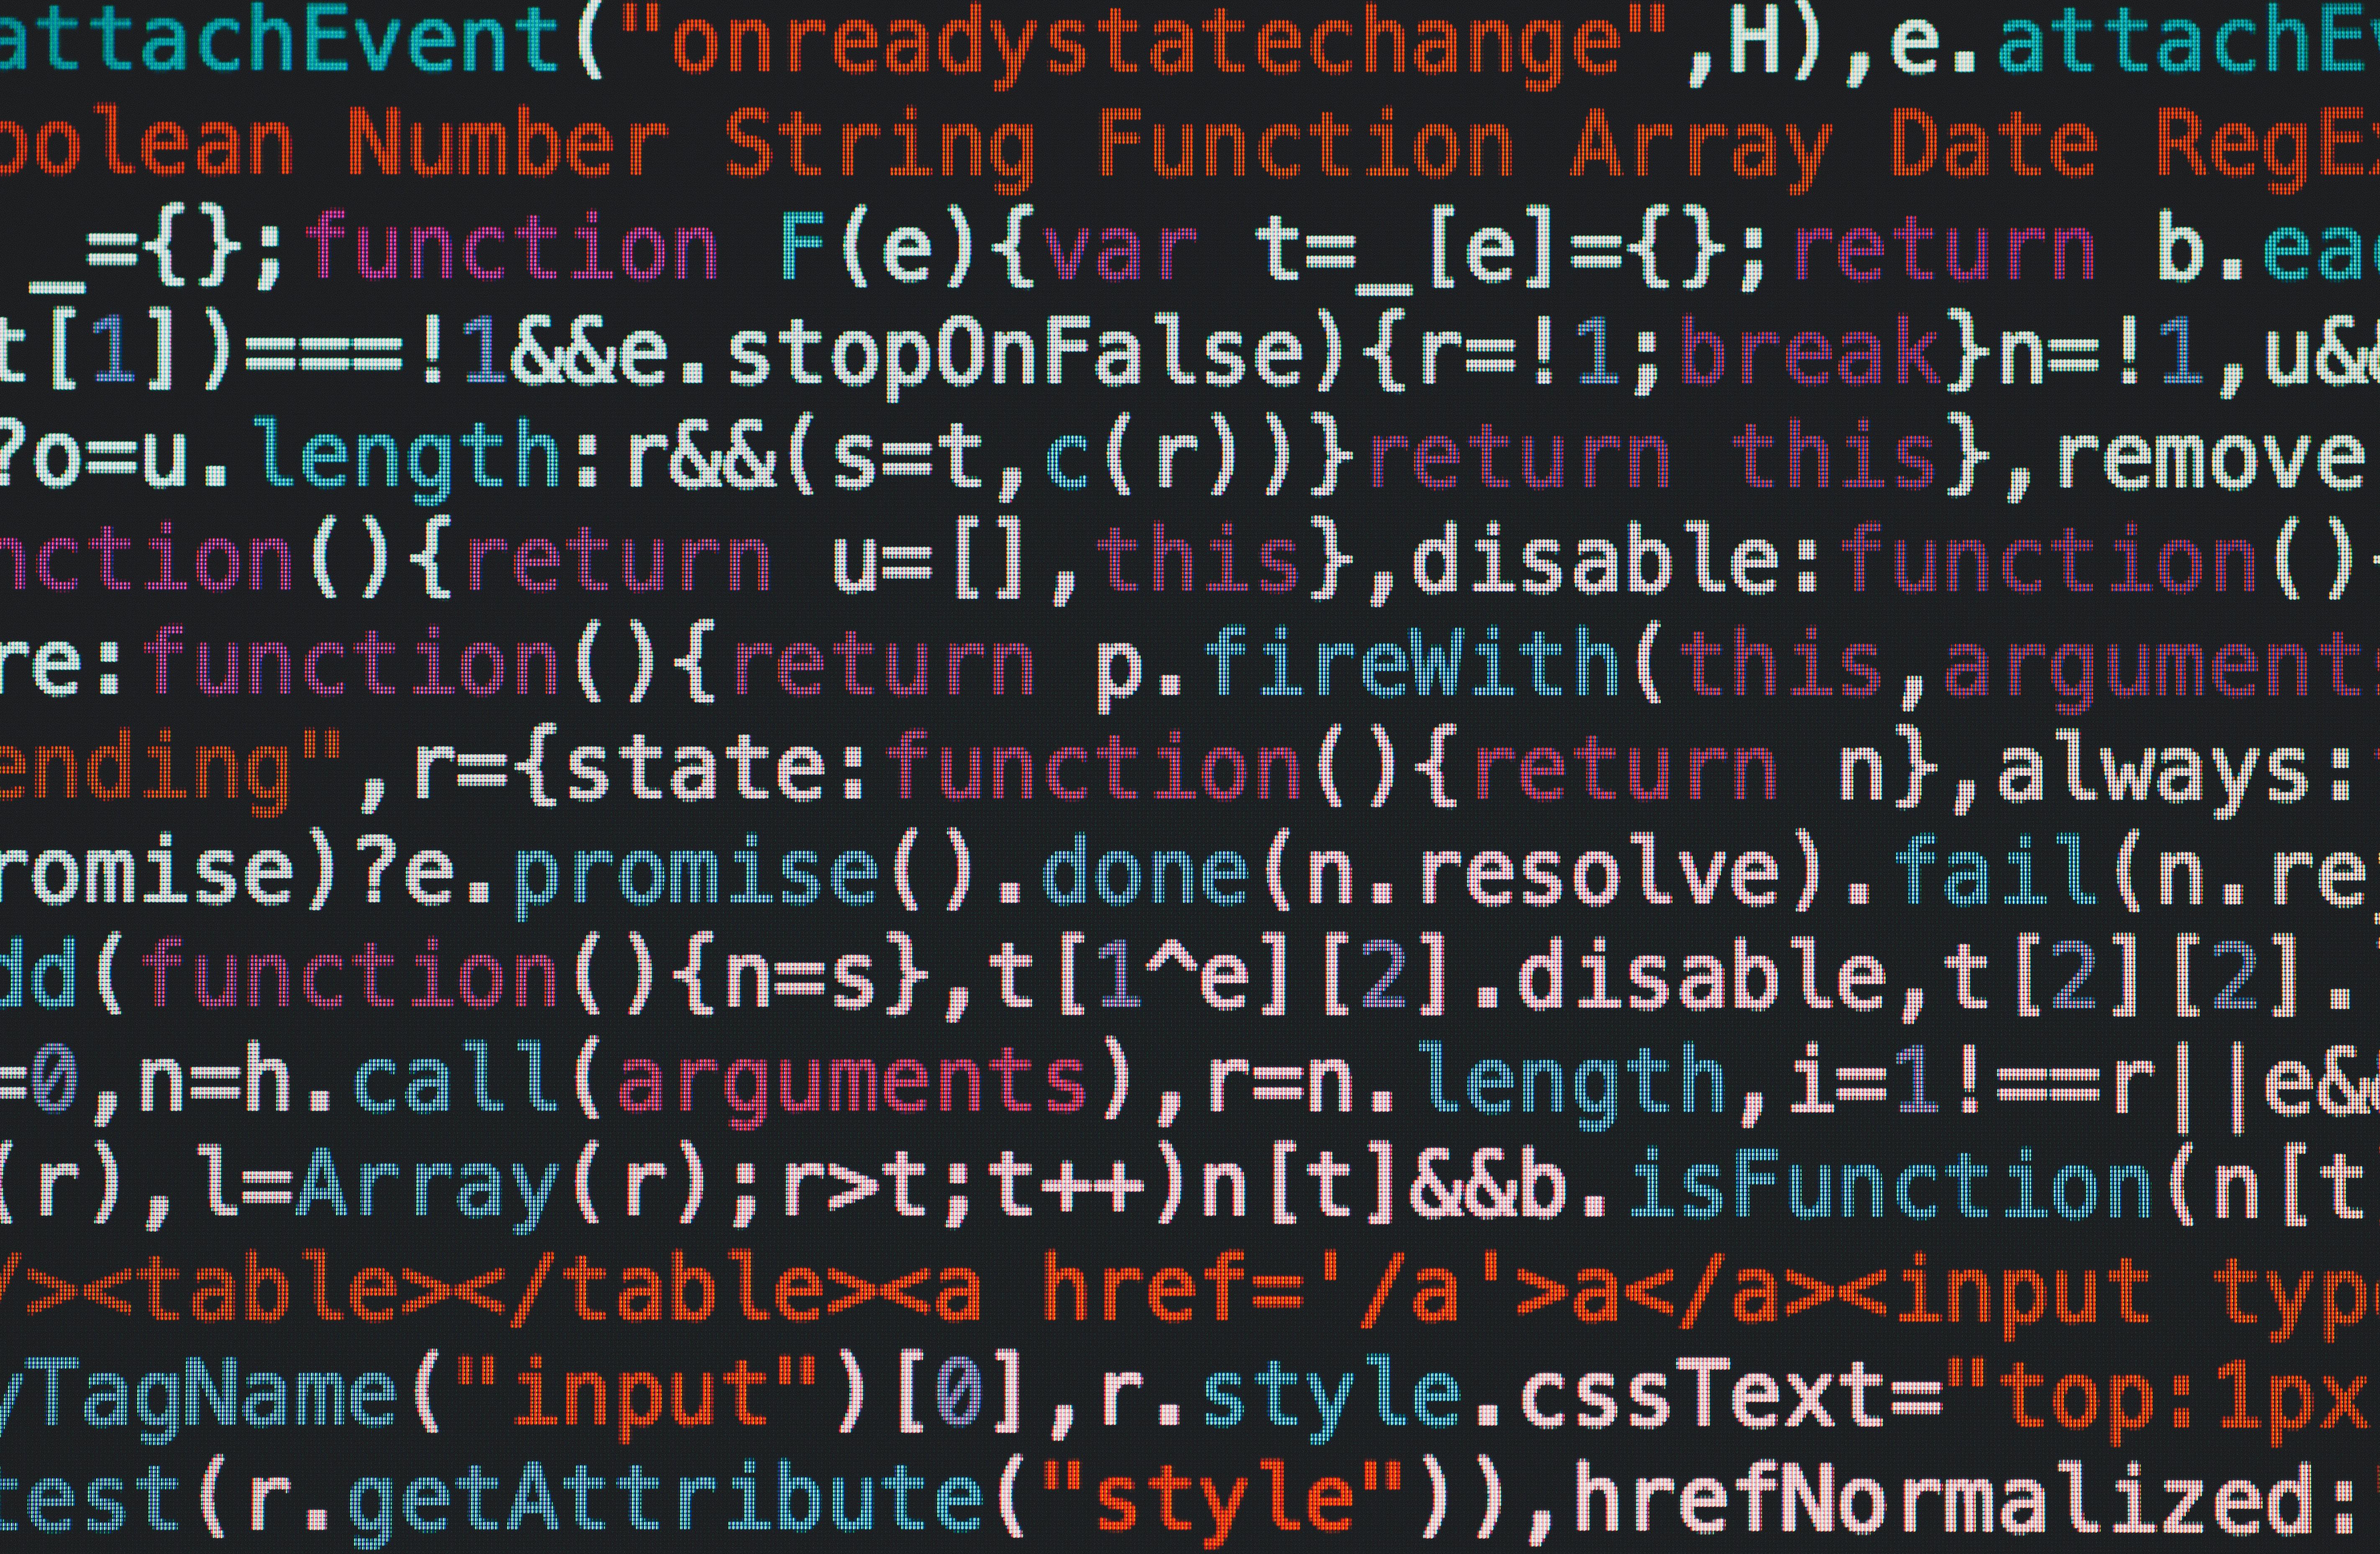 プログラミング言語のPythonを学べば大体のことが実現可能【万能説】